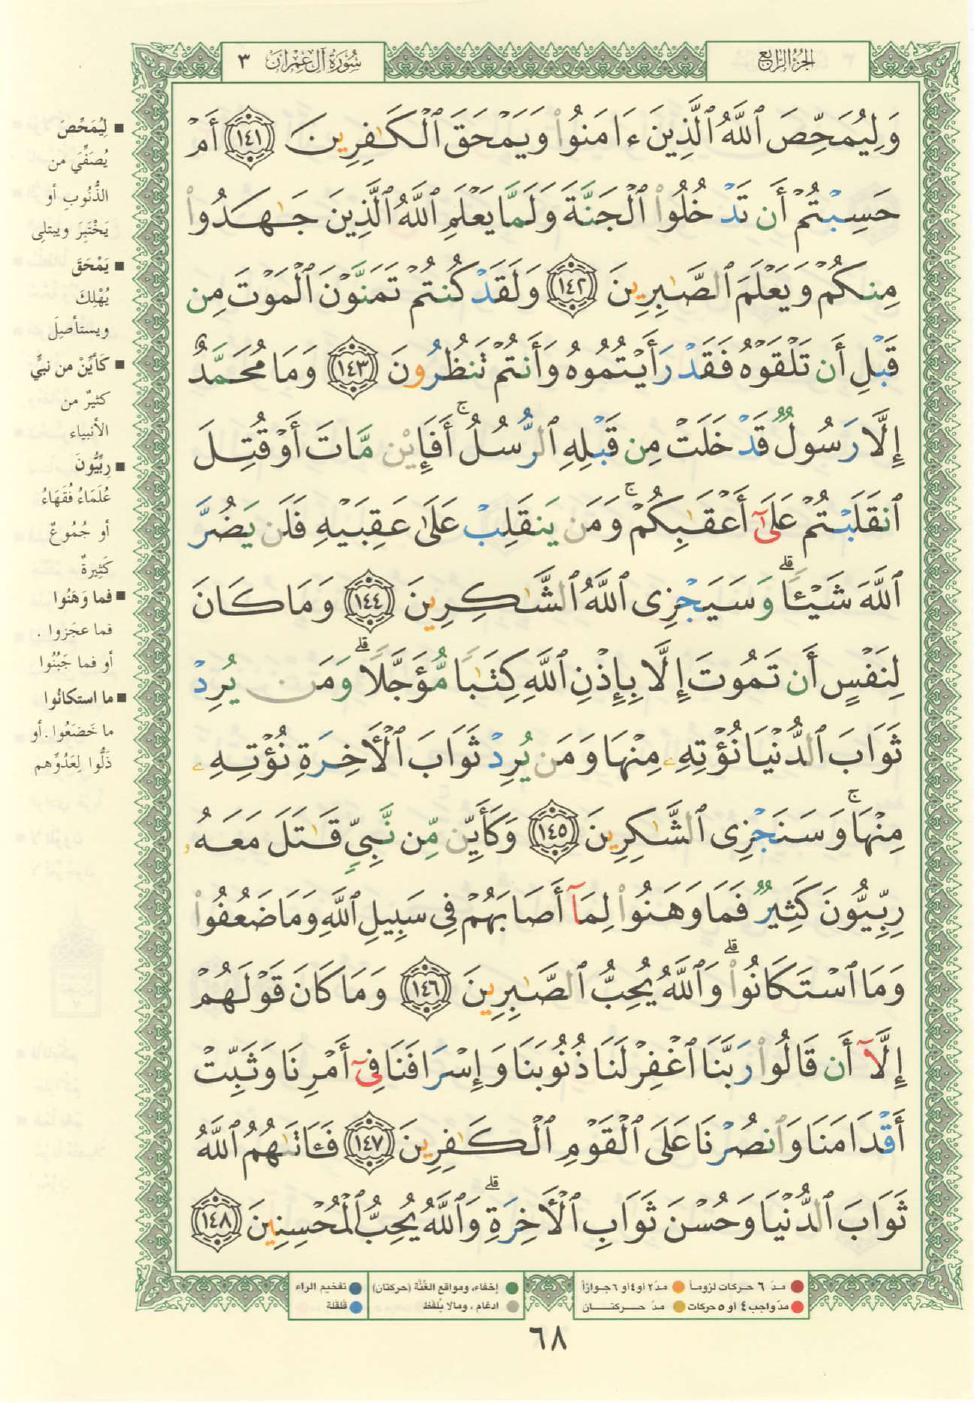 3. سورة آل عمران - Al-Imran مصورة من المصحف الشريف Quran_tajwid_000077